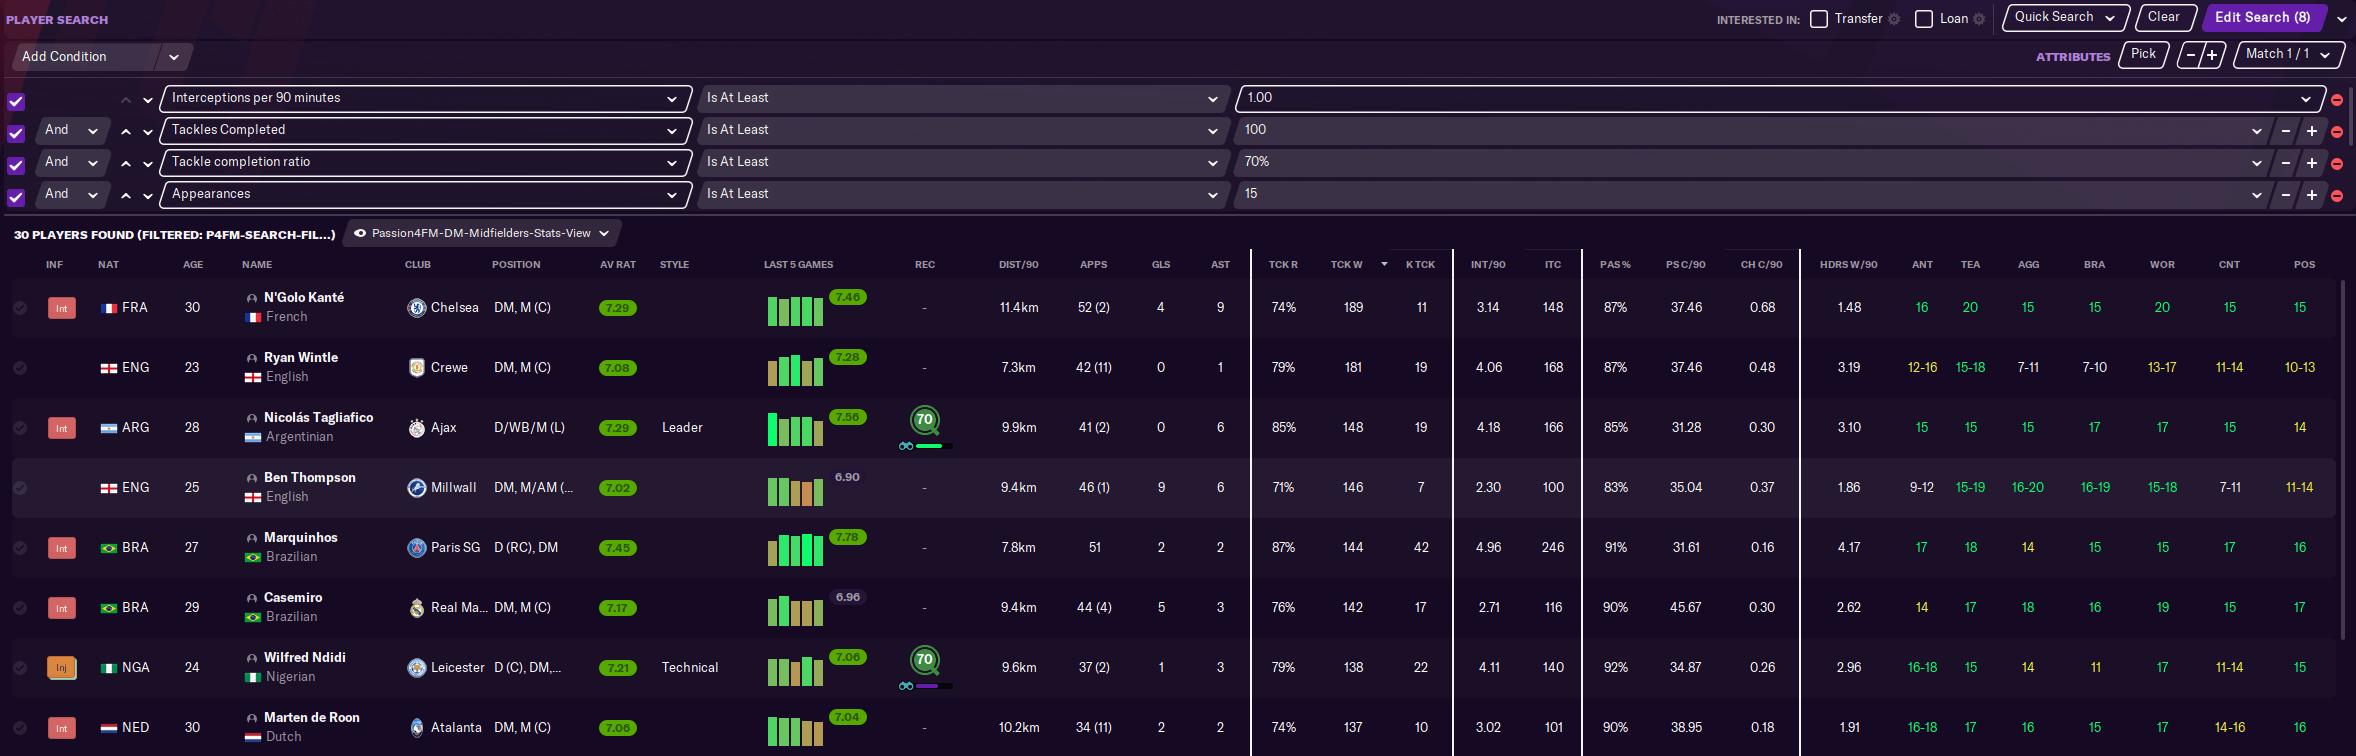 Search filter intelligent midfielders